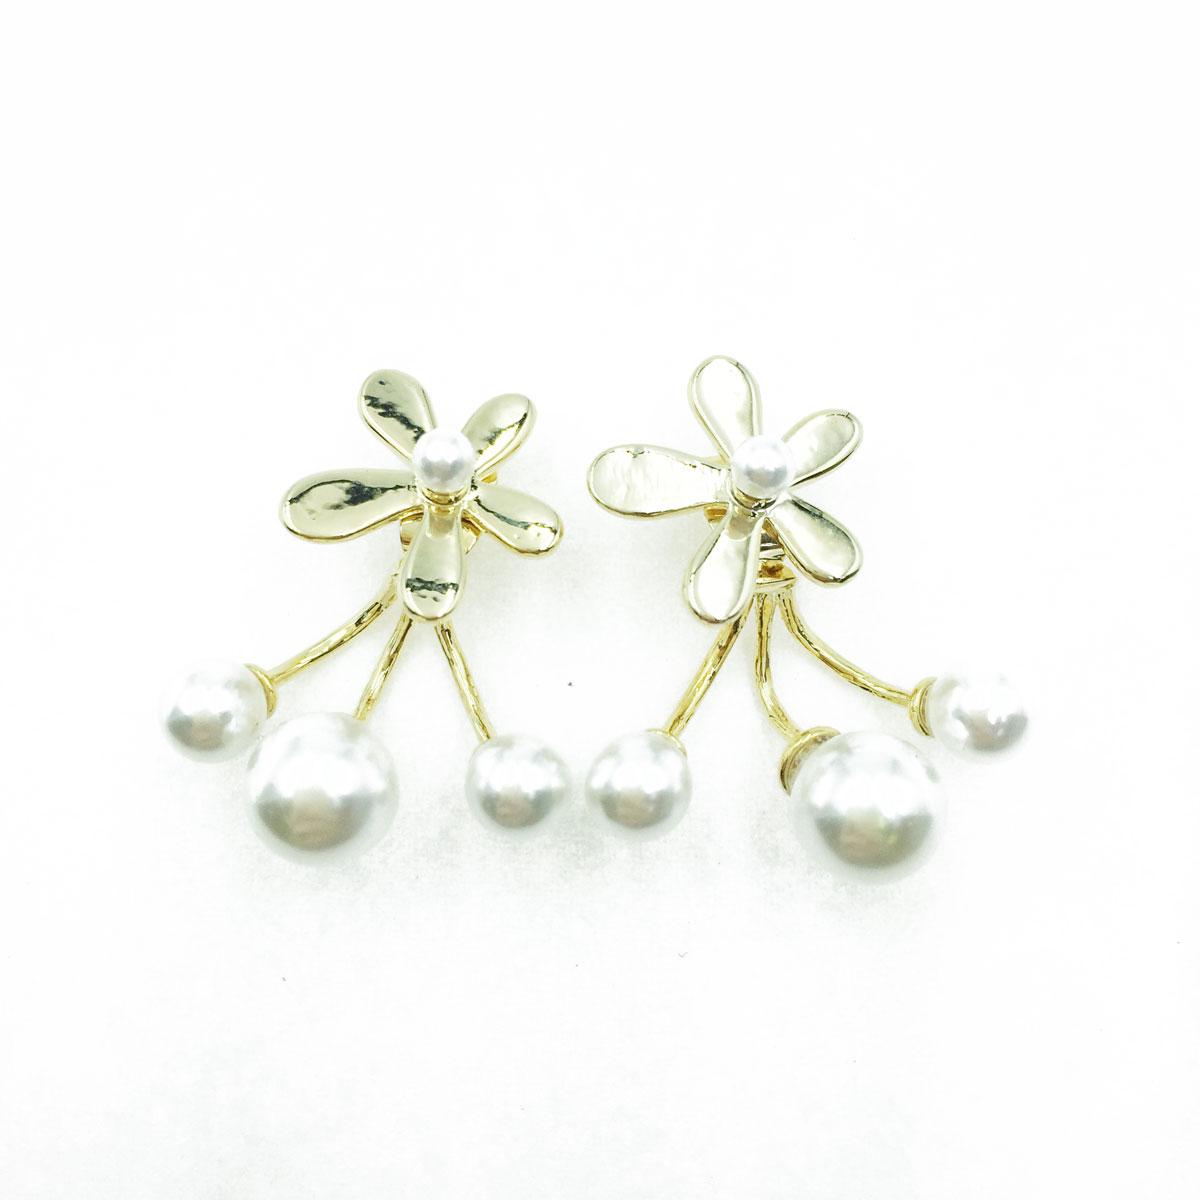 韓國 925純銀 小花 珍珠 後勾式 耳針式耳環